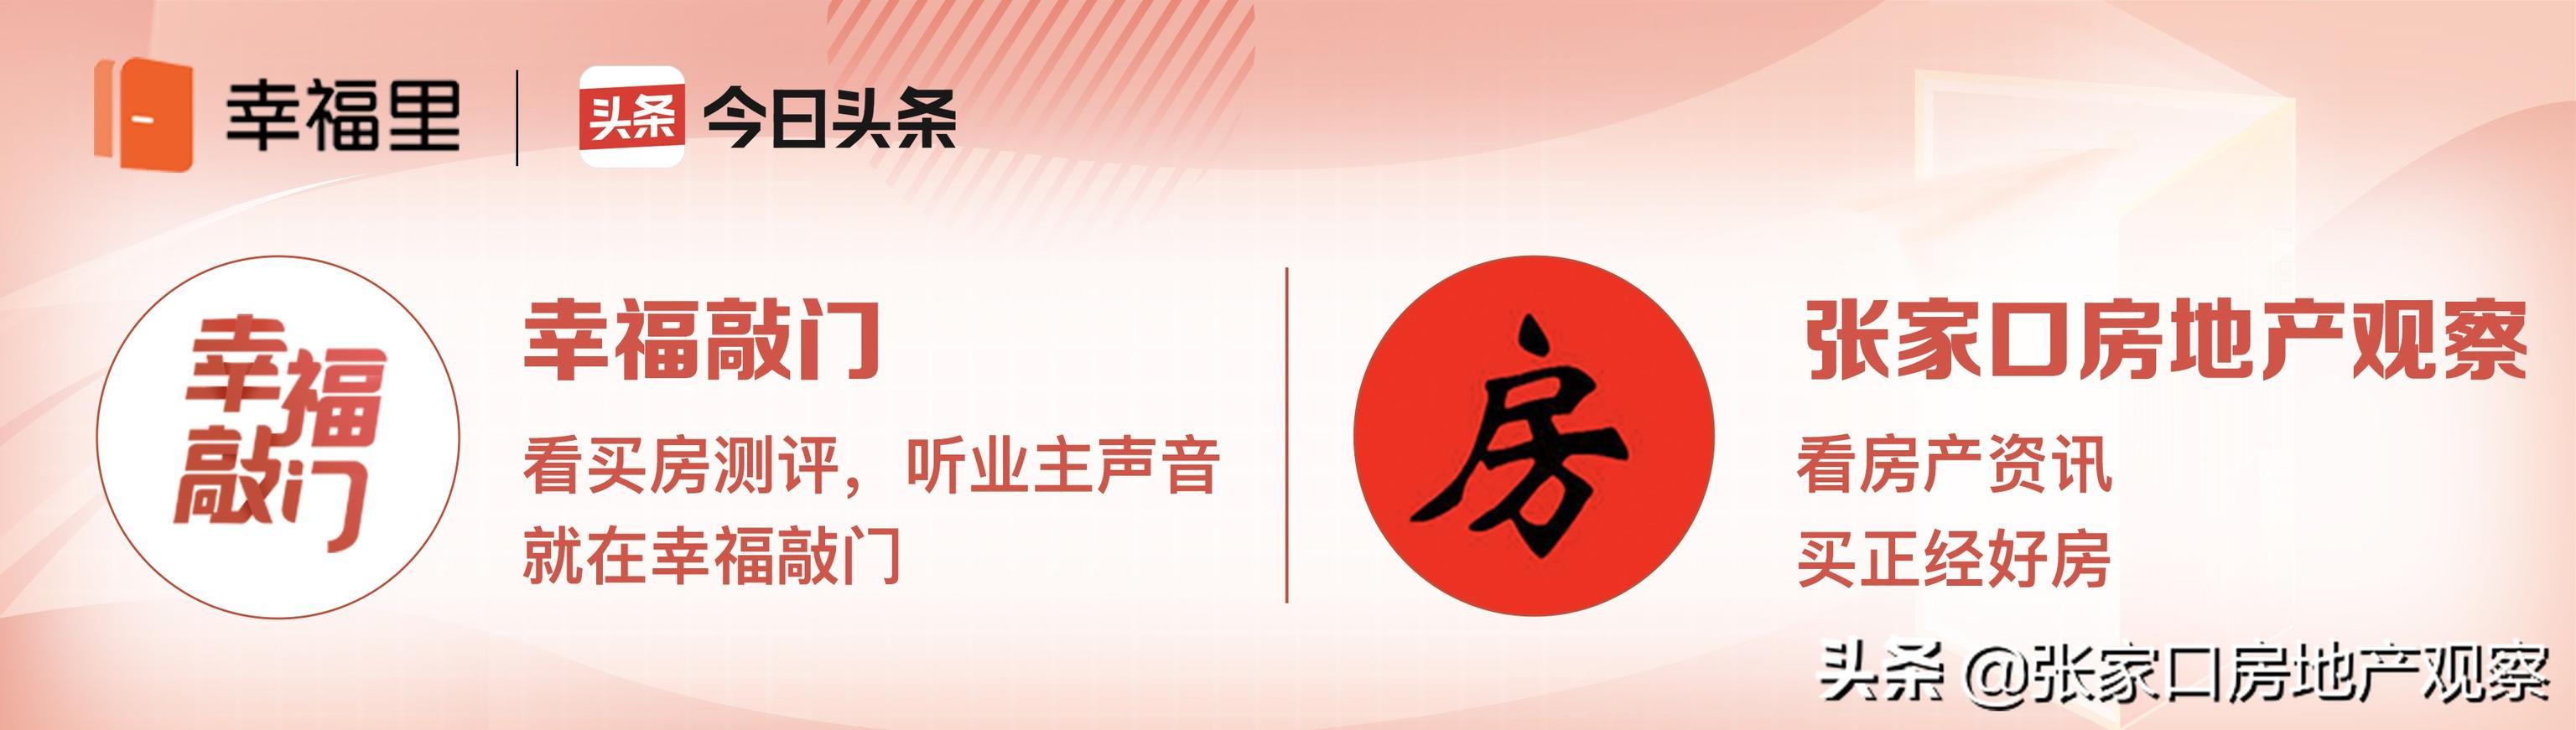 房产税税率,收藏!上海房产税最新计算方法,看看买套房子需要缴纳多少房产税